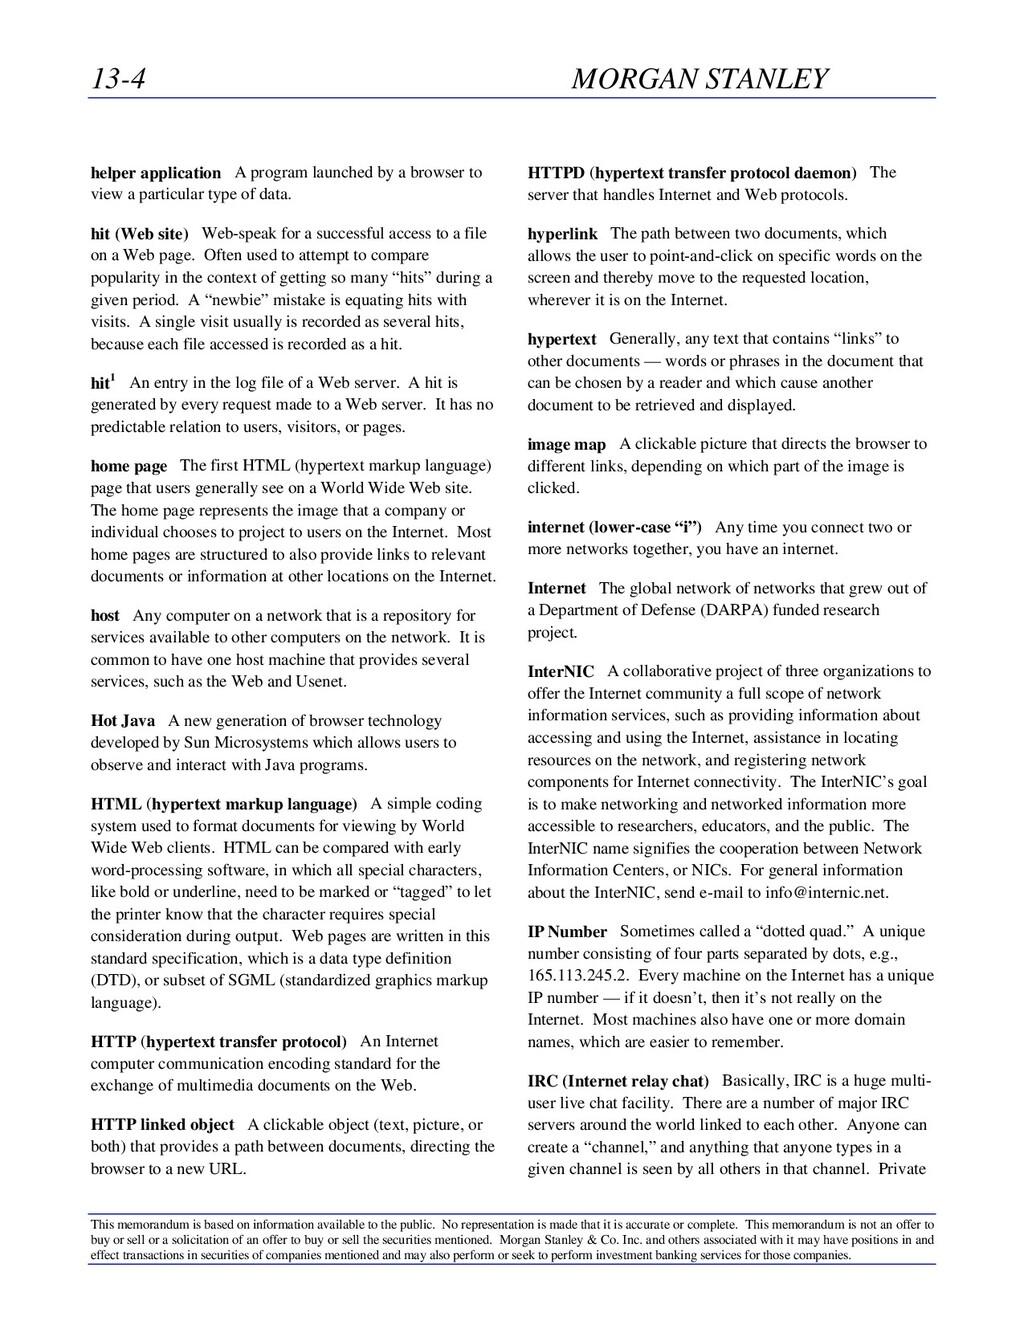 13-4 MORGAN STANLEY This memorandum is based on...